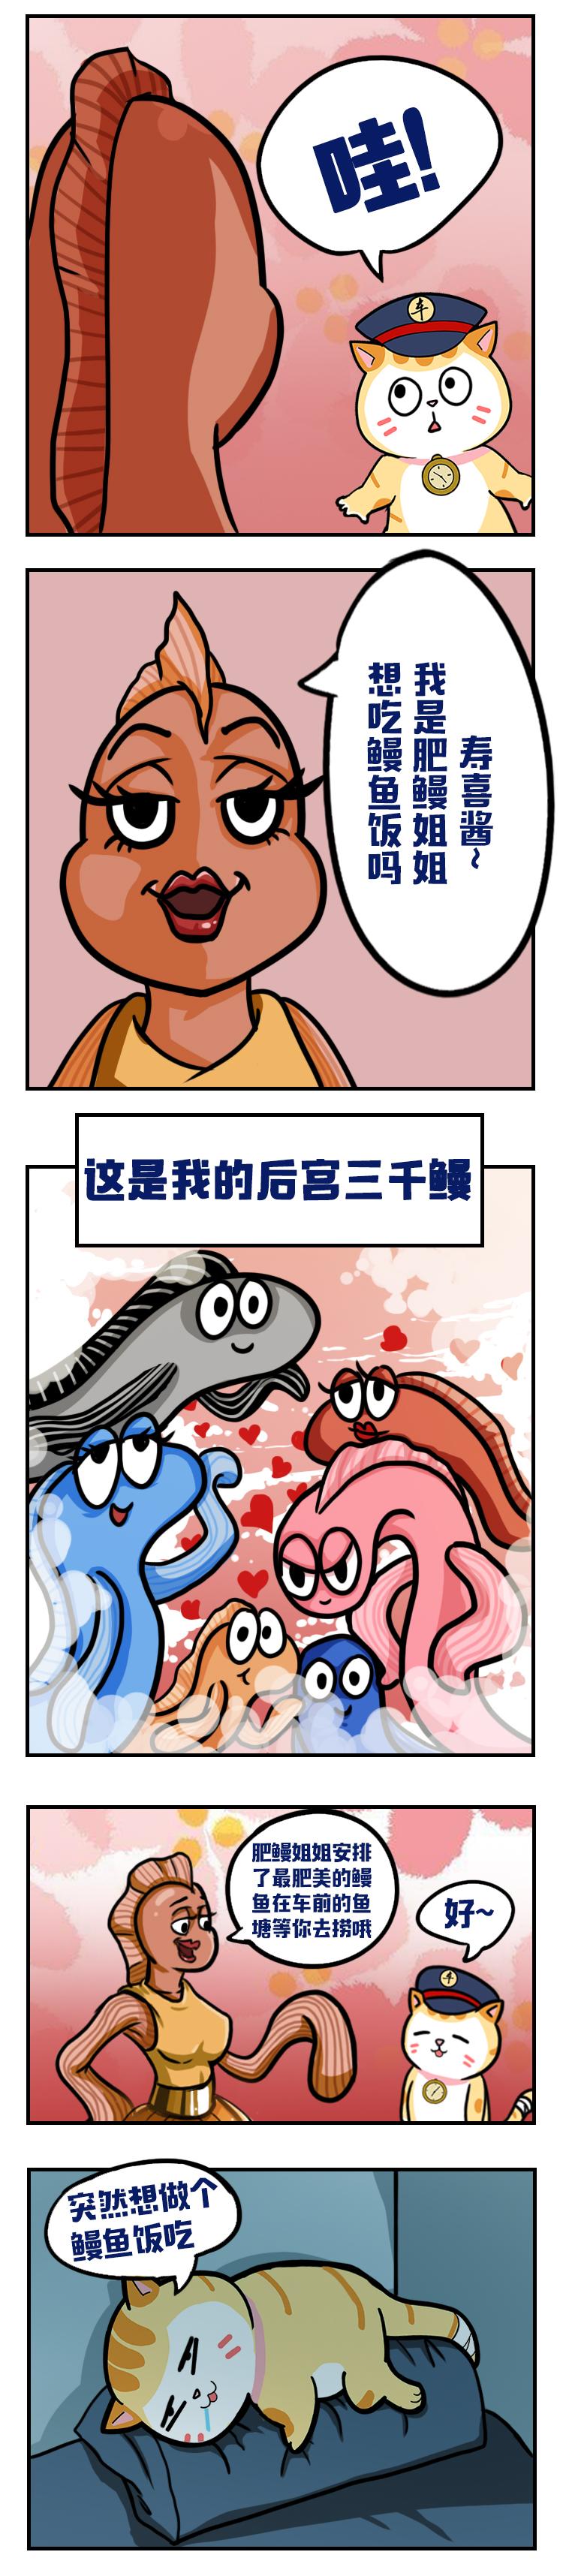 车前10漫画_02.jpg